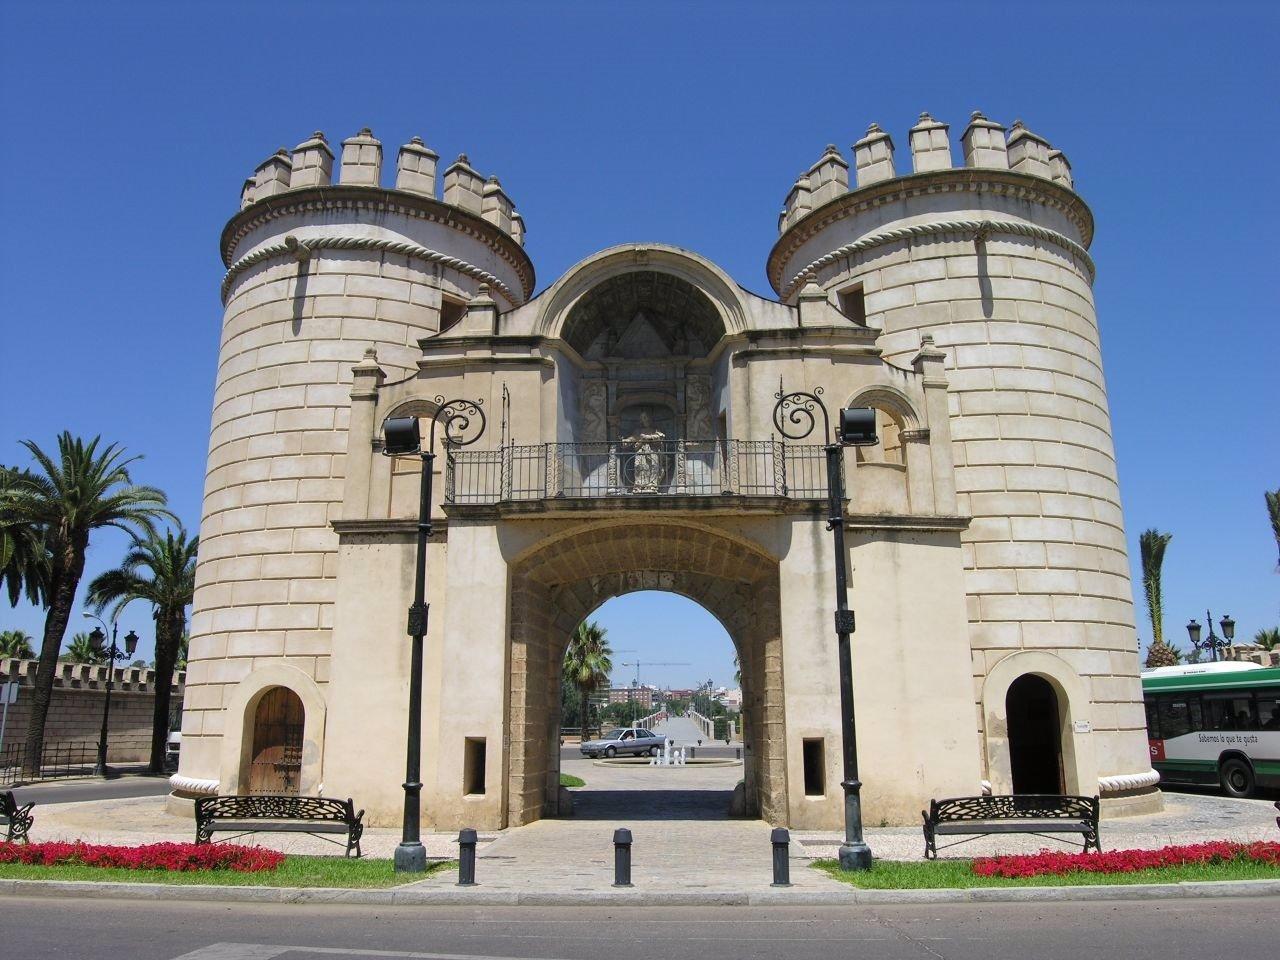 monumentos de badajoz ayuntamiento